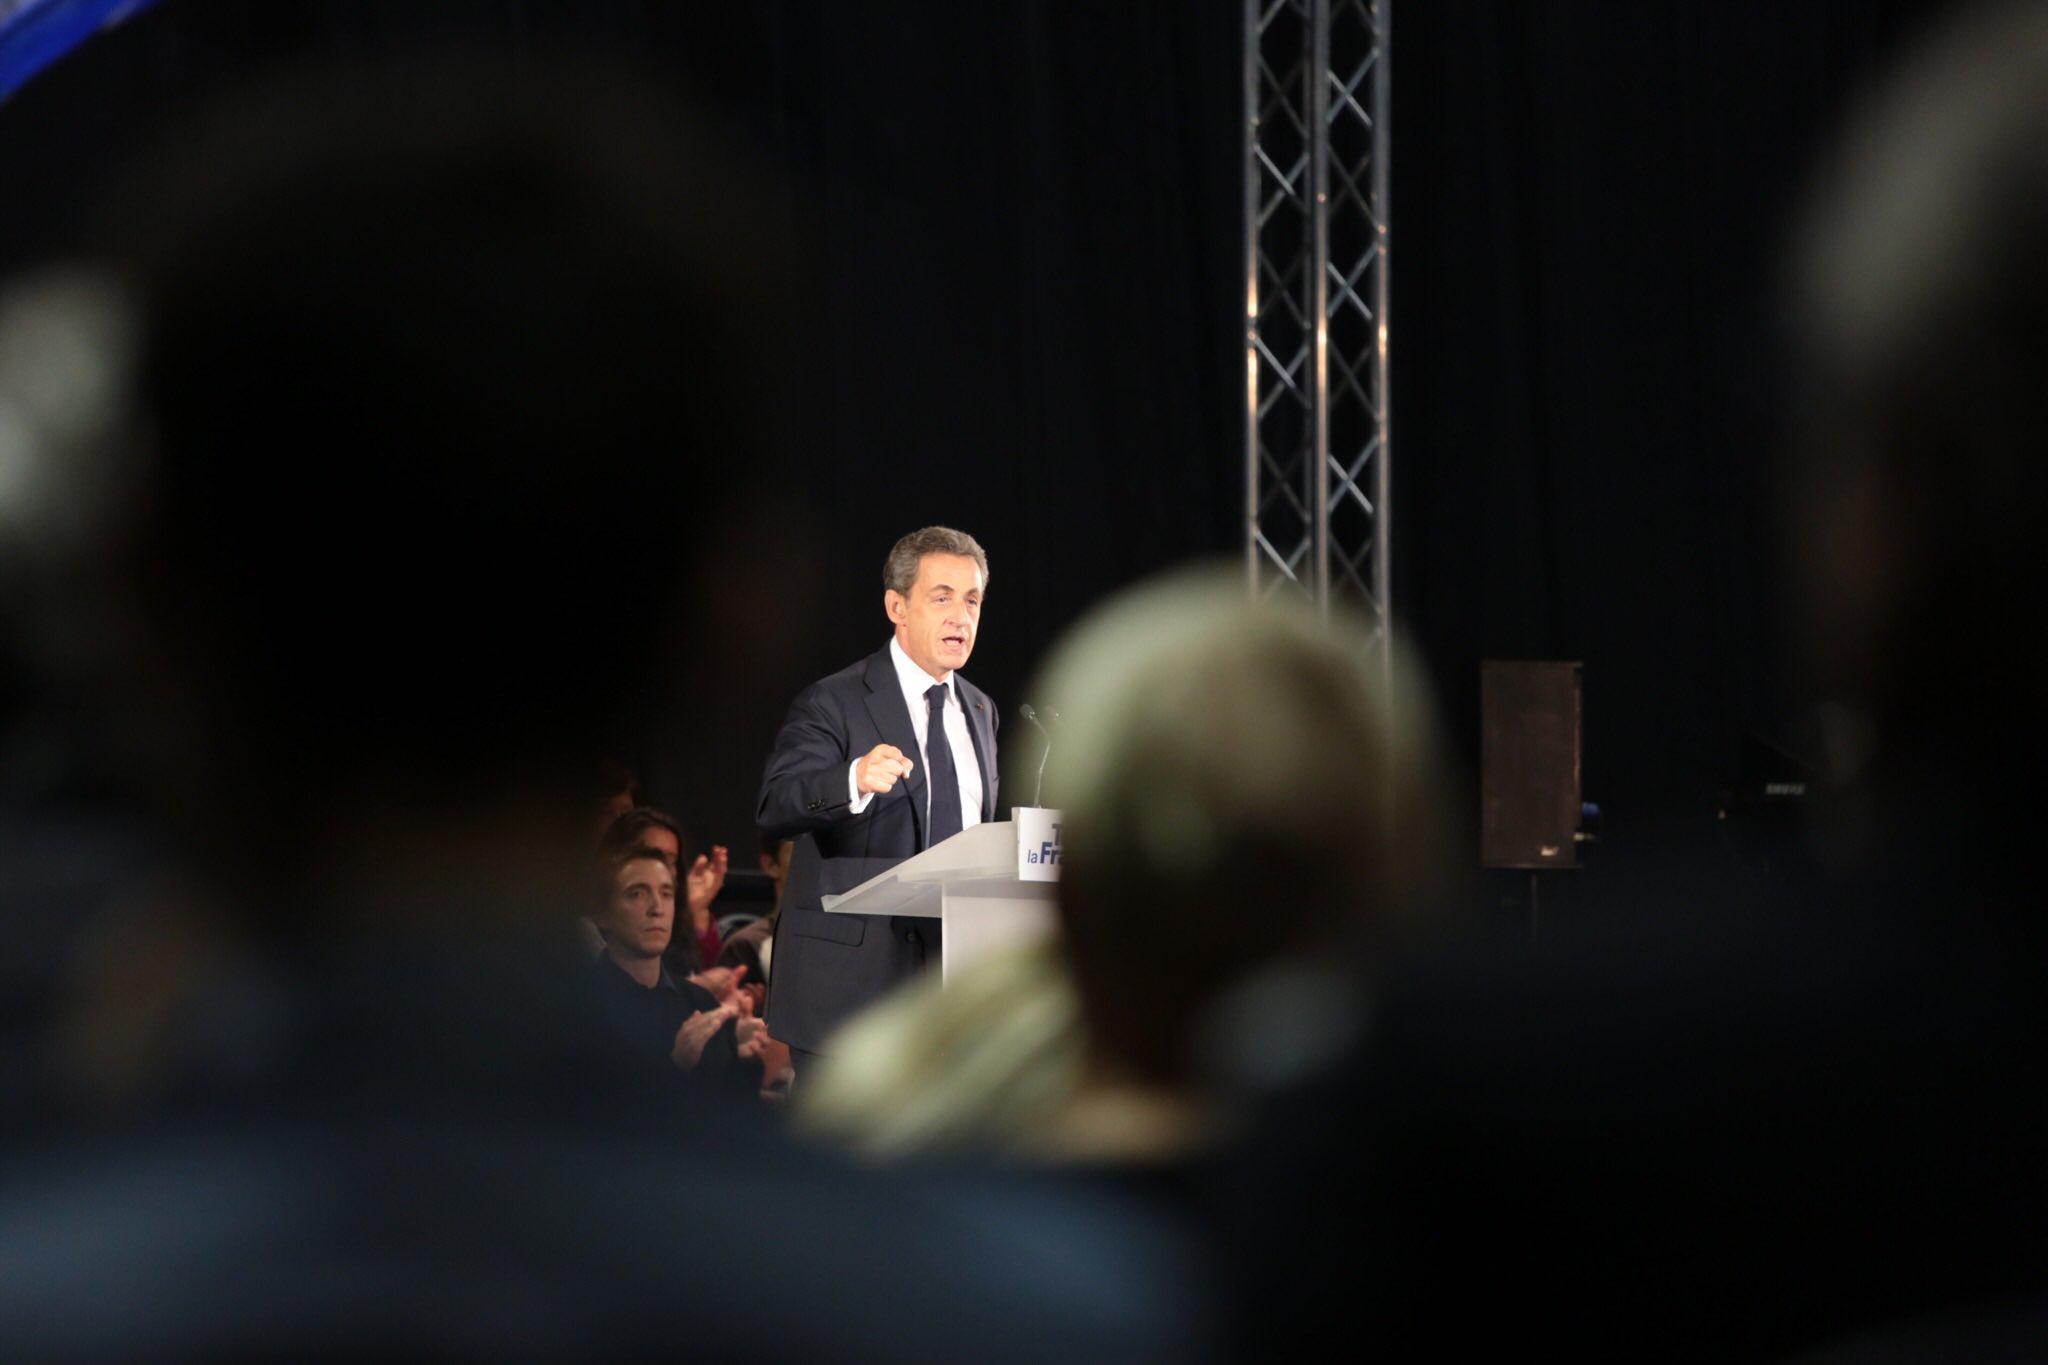 Nicolas Sarkozy, expresidente de Francia, es condenado a 3 años de cárcel